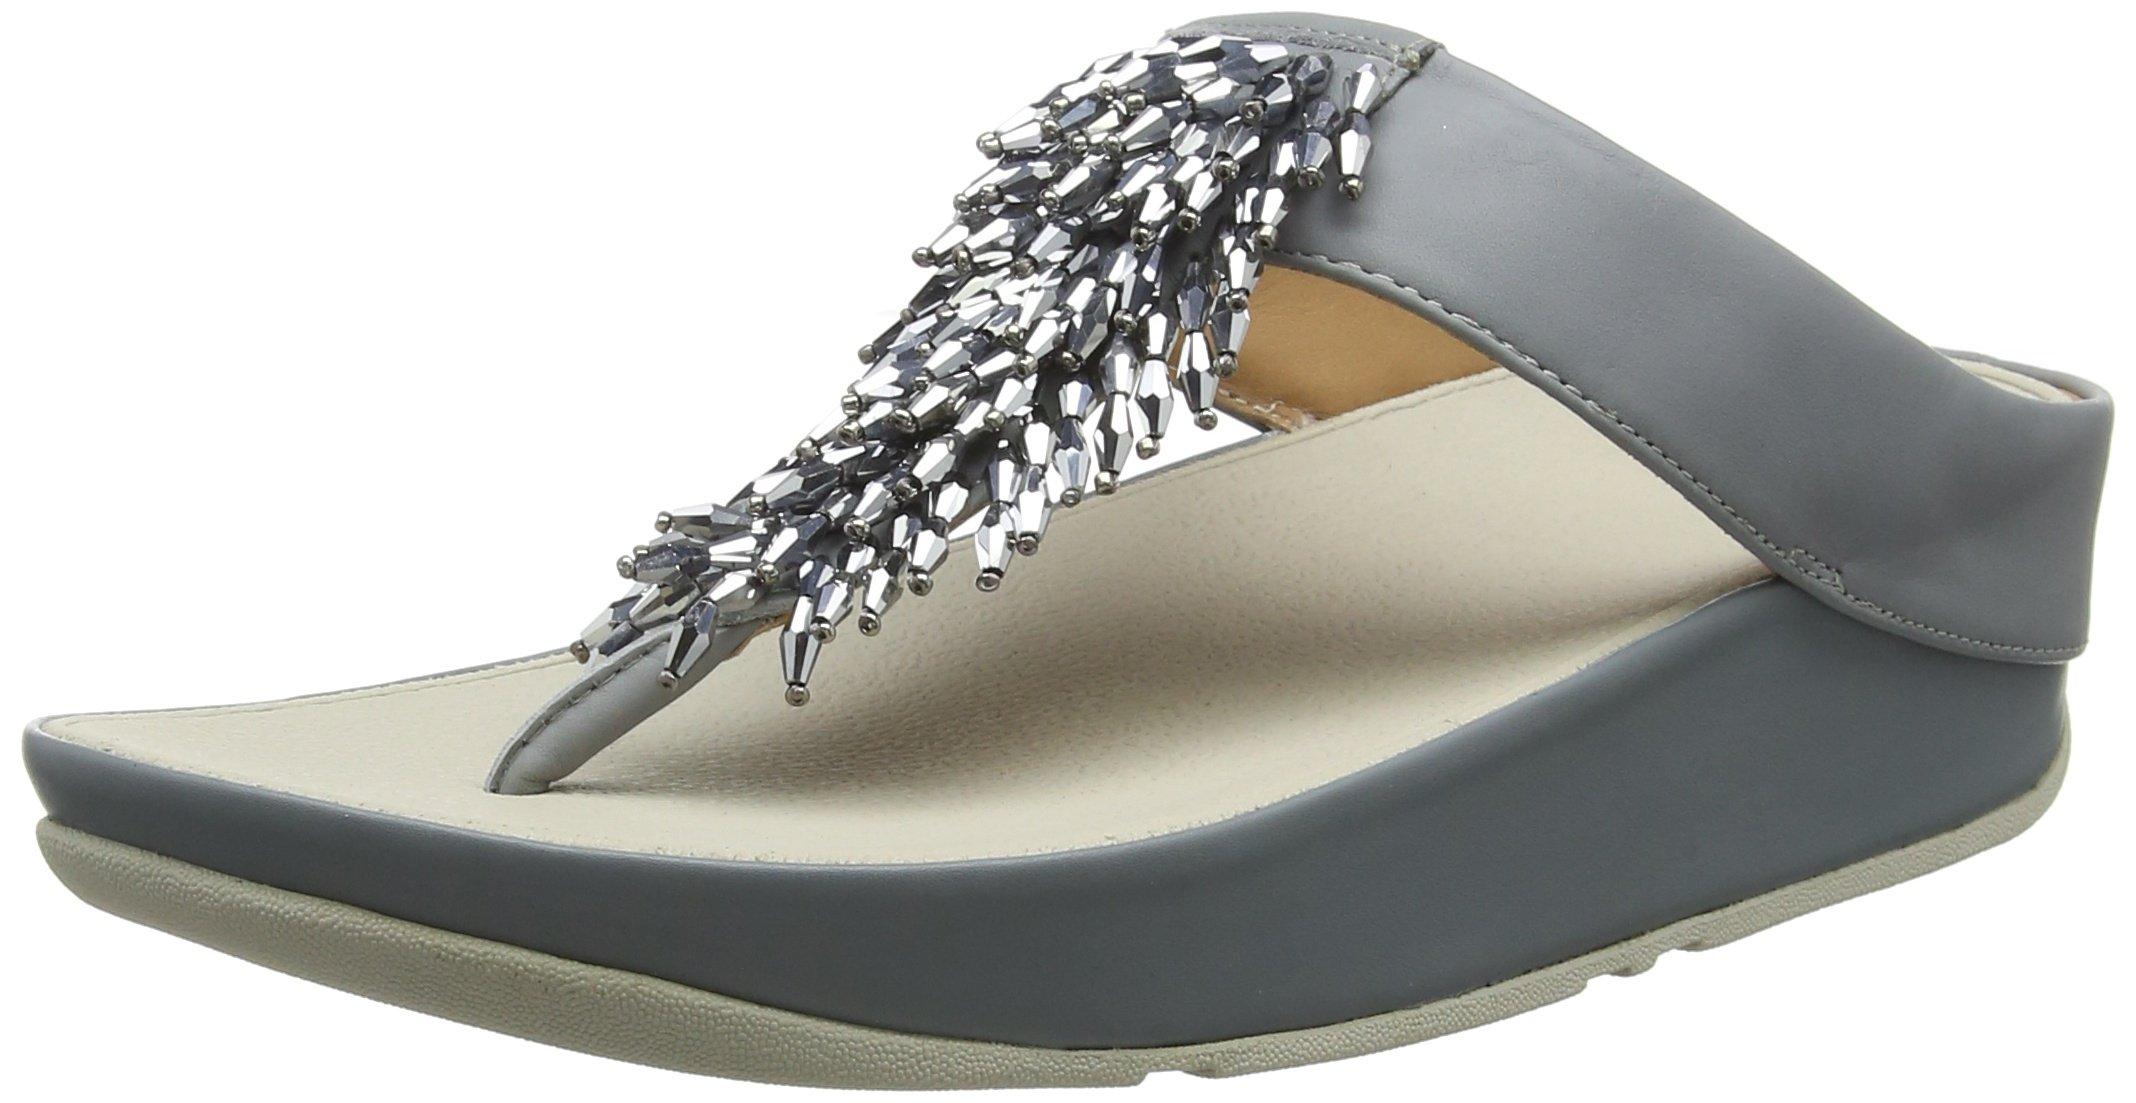 4e7c5c28d21 FitFlop Women s Rumba Toe-Thong Sandals Flip-Flop Dove Blue 5 M US